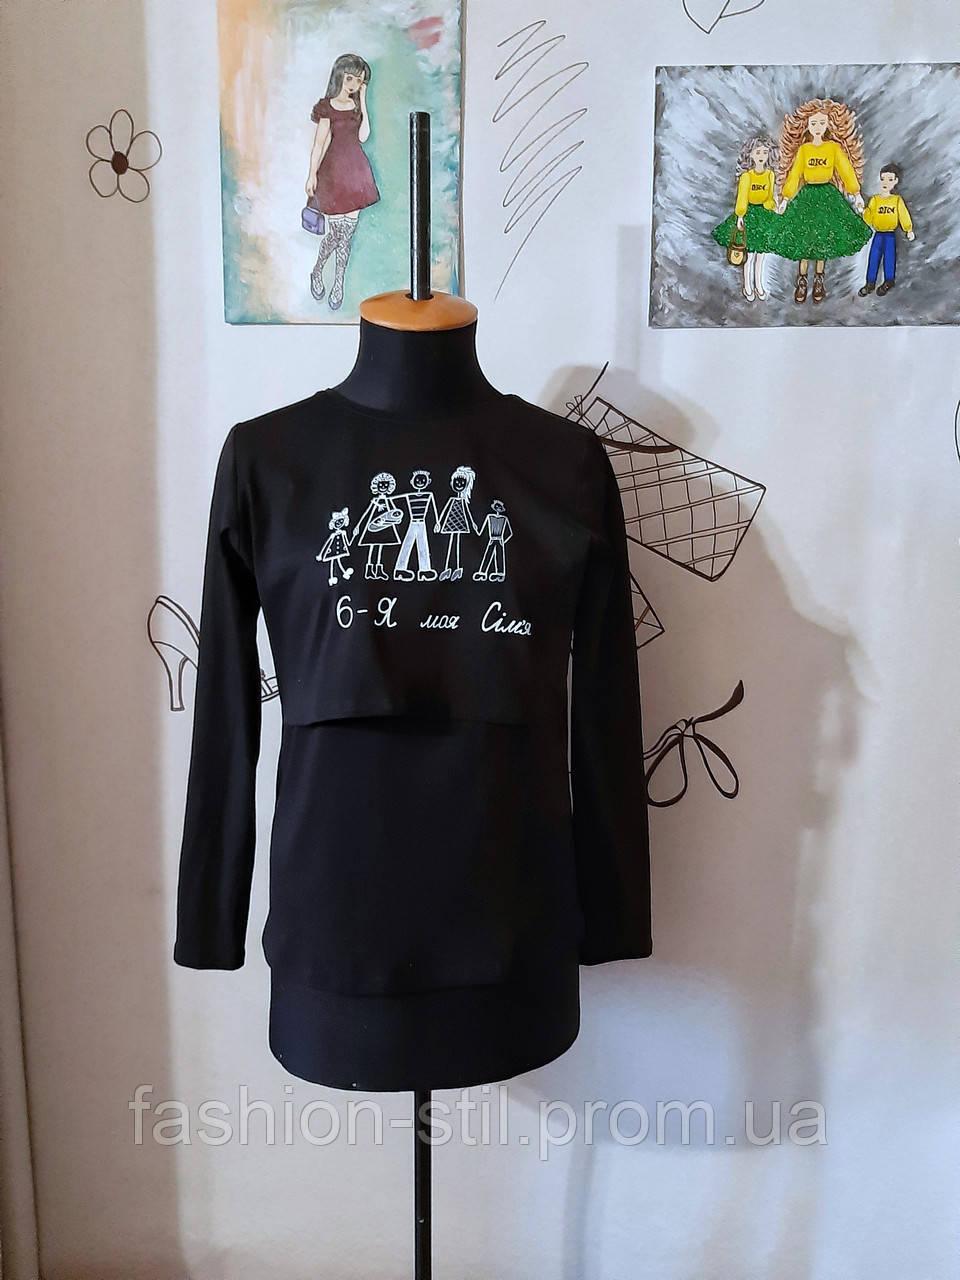 416ebbae7cb81e Футболка з довгим рукавом лонгслів жіночий для годування сім'я Лонгслив  футболка для кормления ручная